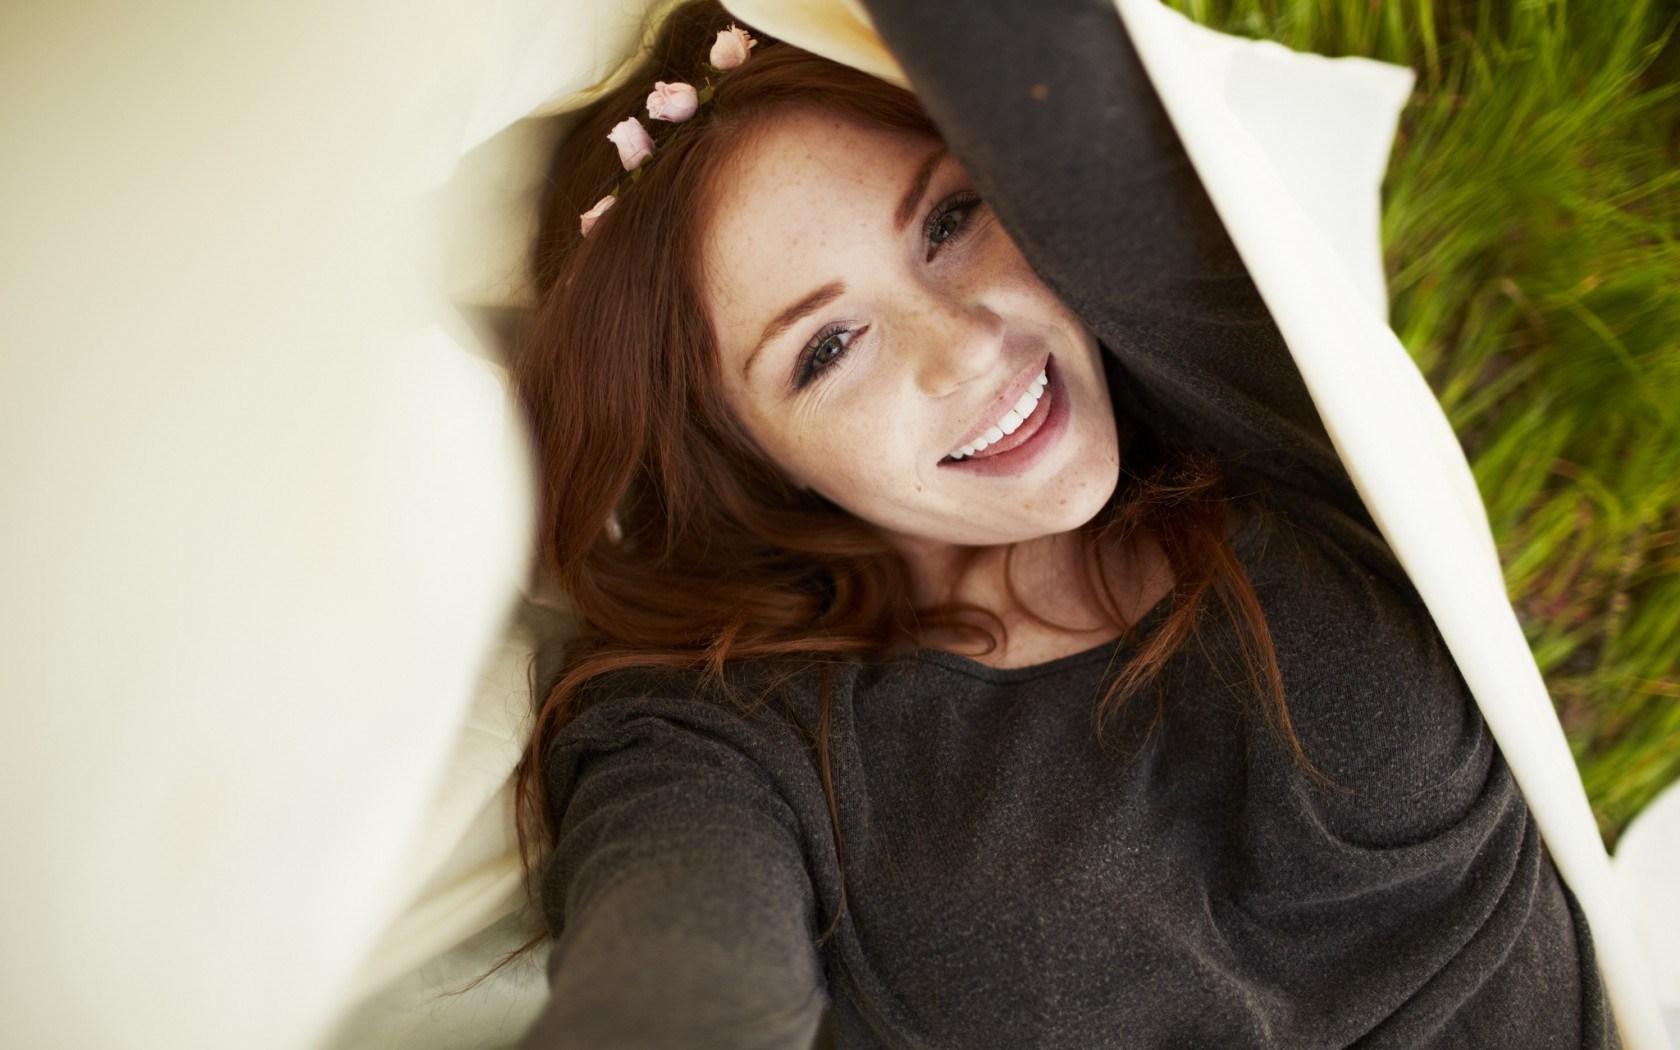 Girl Look Crown Smile Redhead